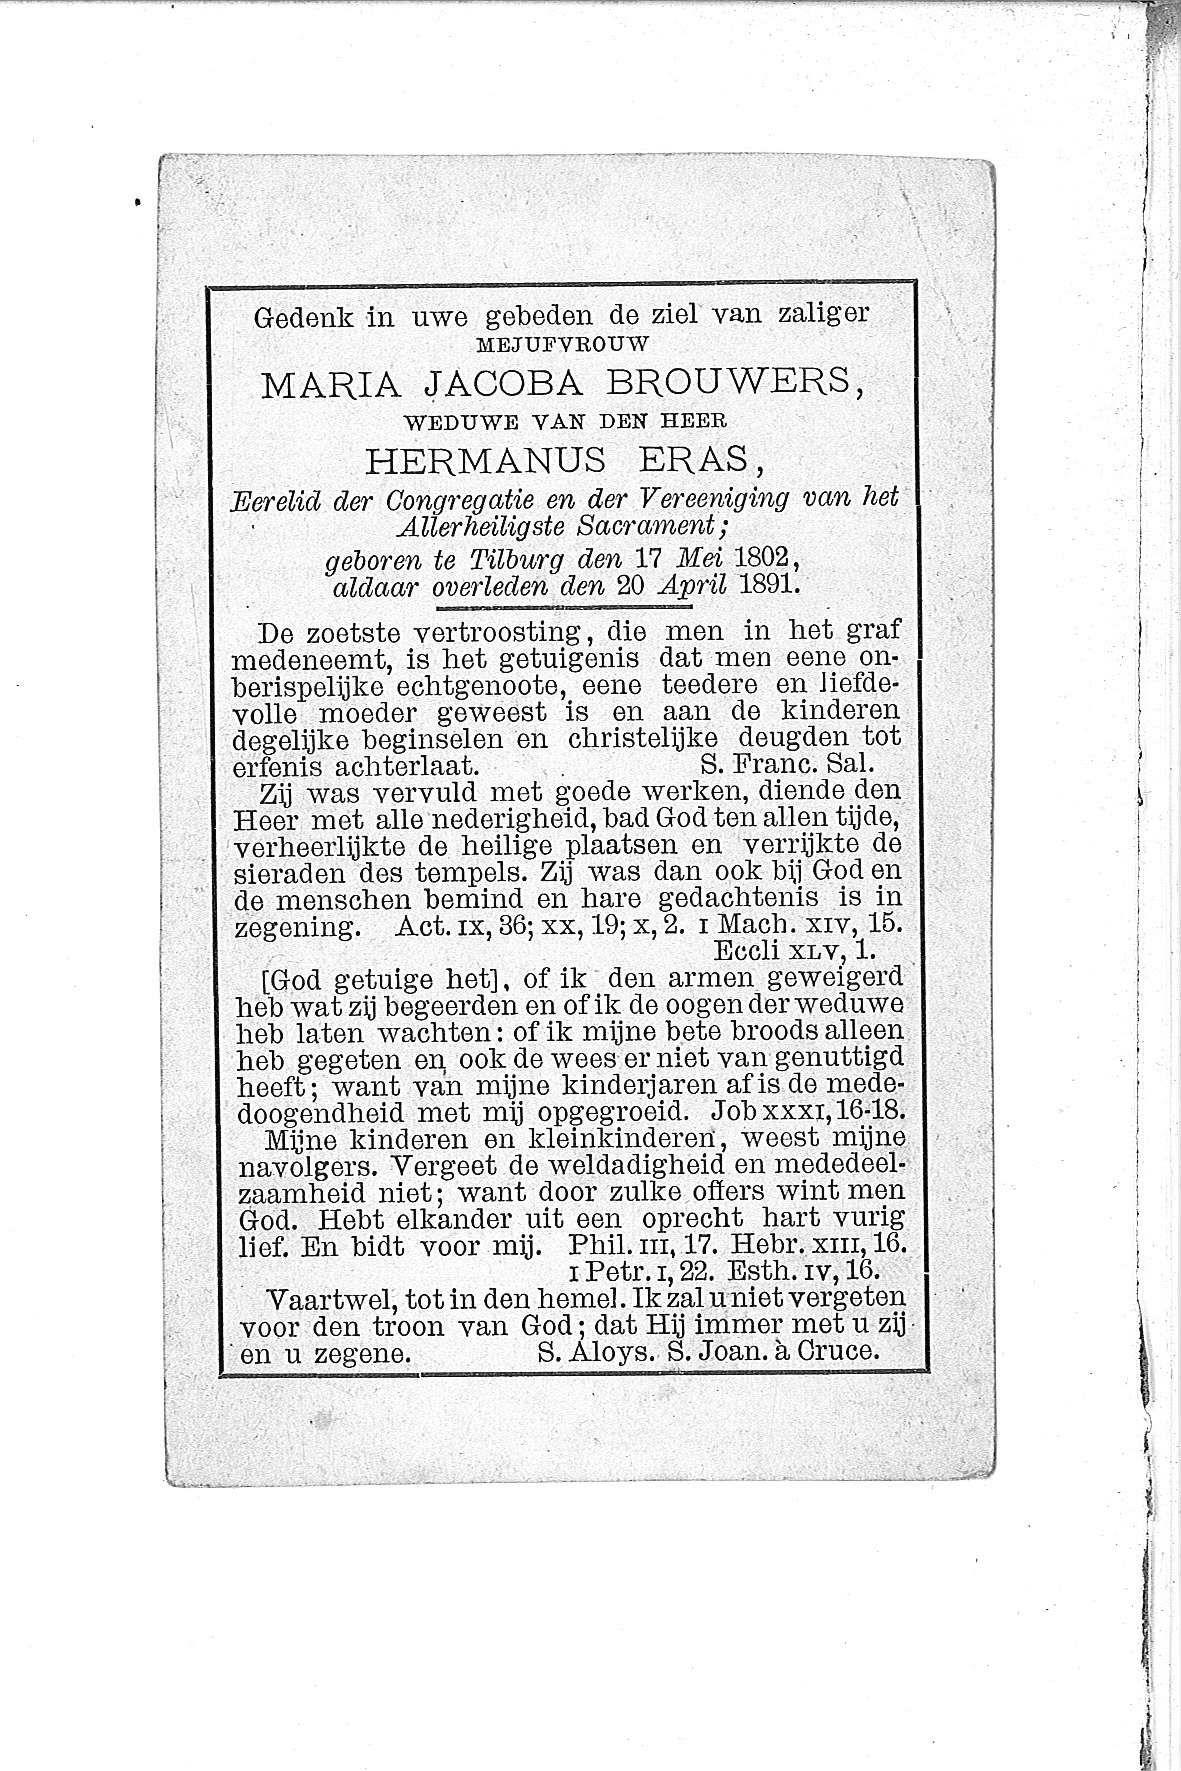 Maria Jacoba (1891) 20110805165022_00089.jpg